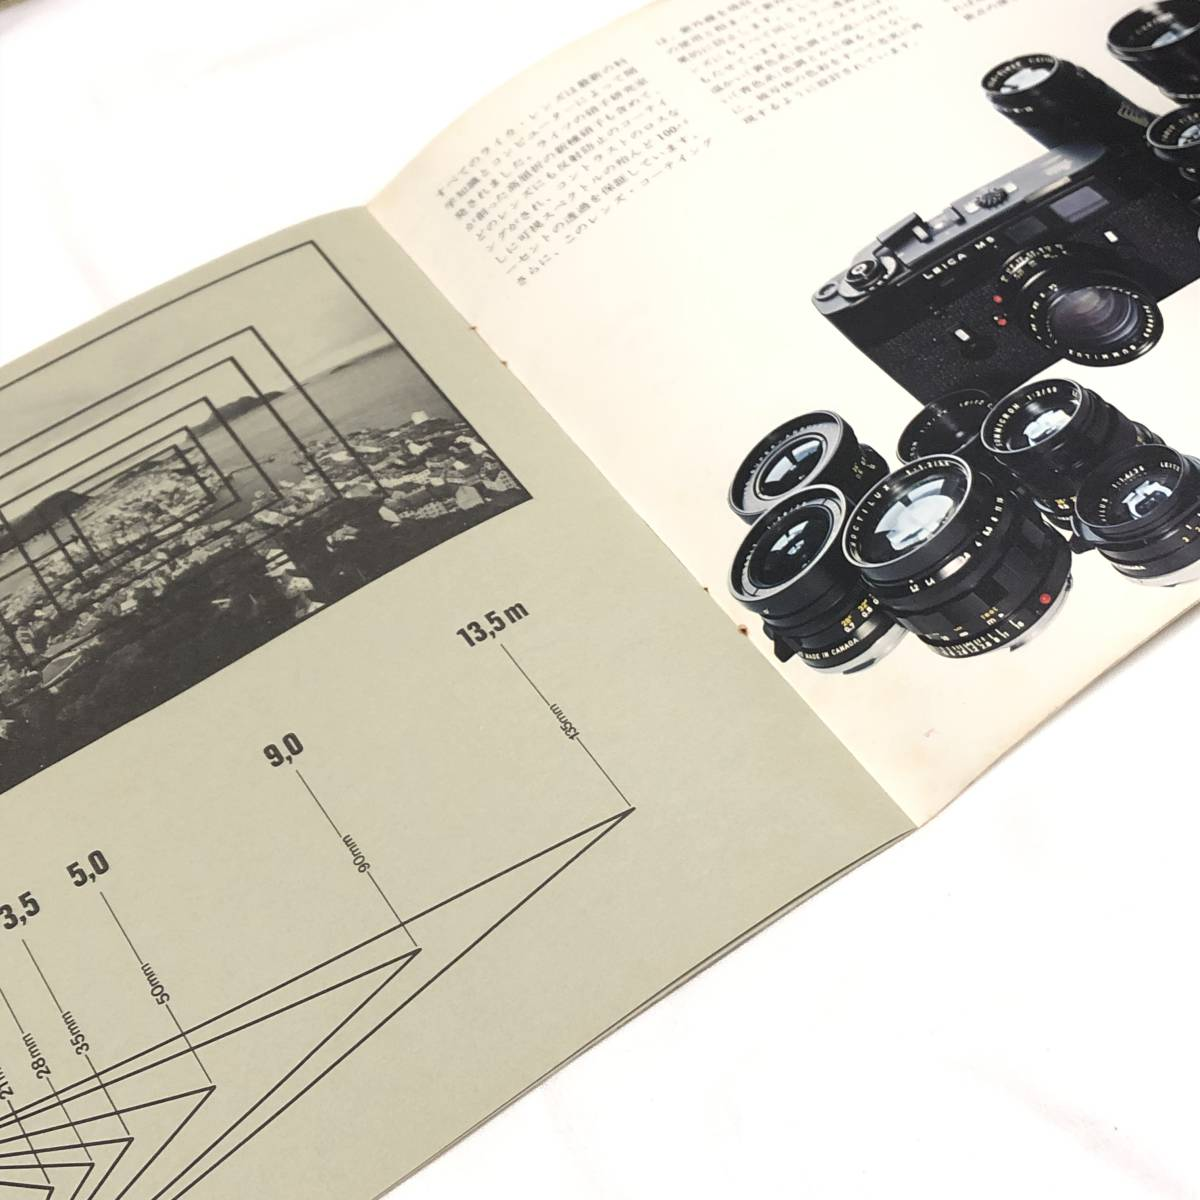 ◆ライカ LEICA ライツ Leitz カメラ レンズ カタログ M3 M5 elmar summicron summilux _画像4